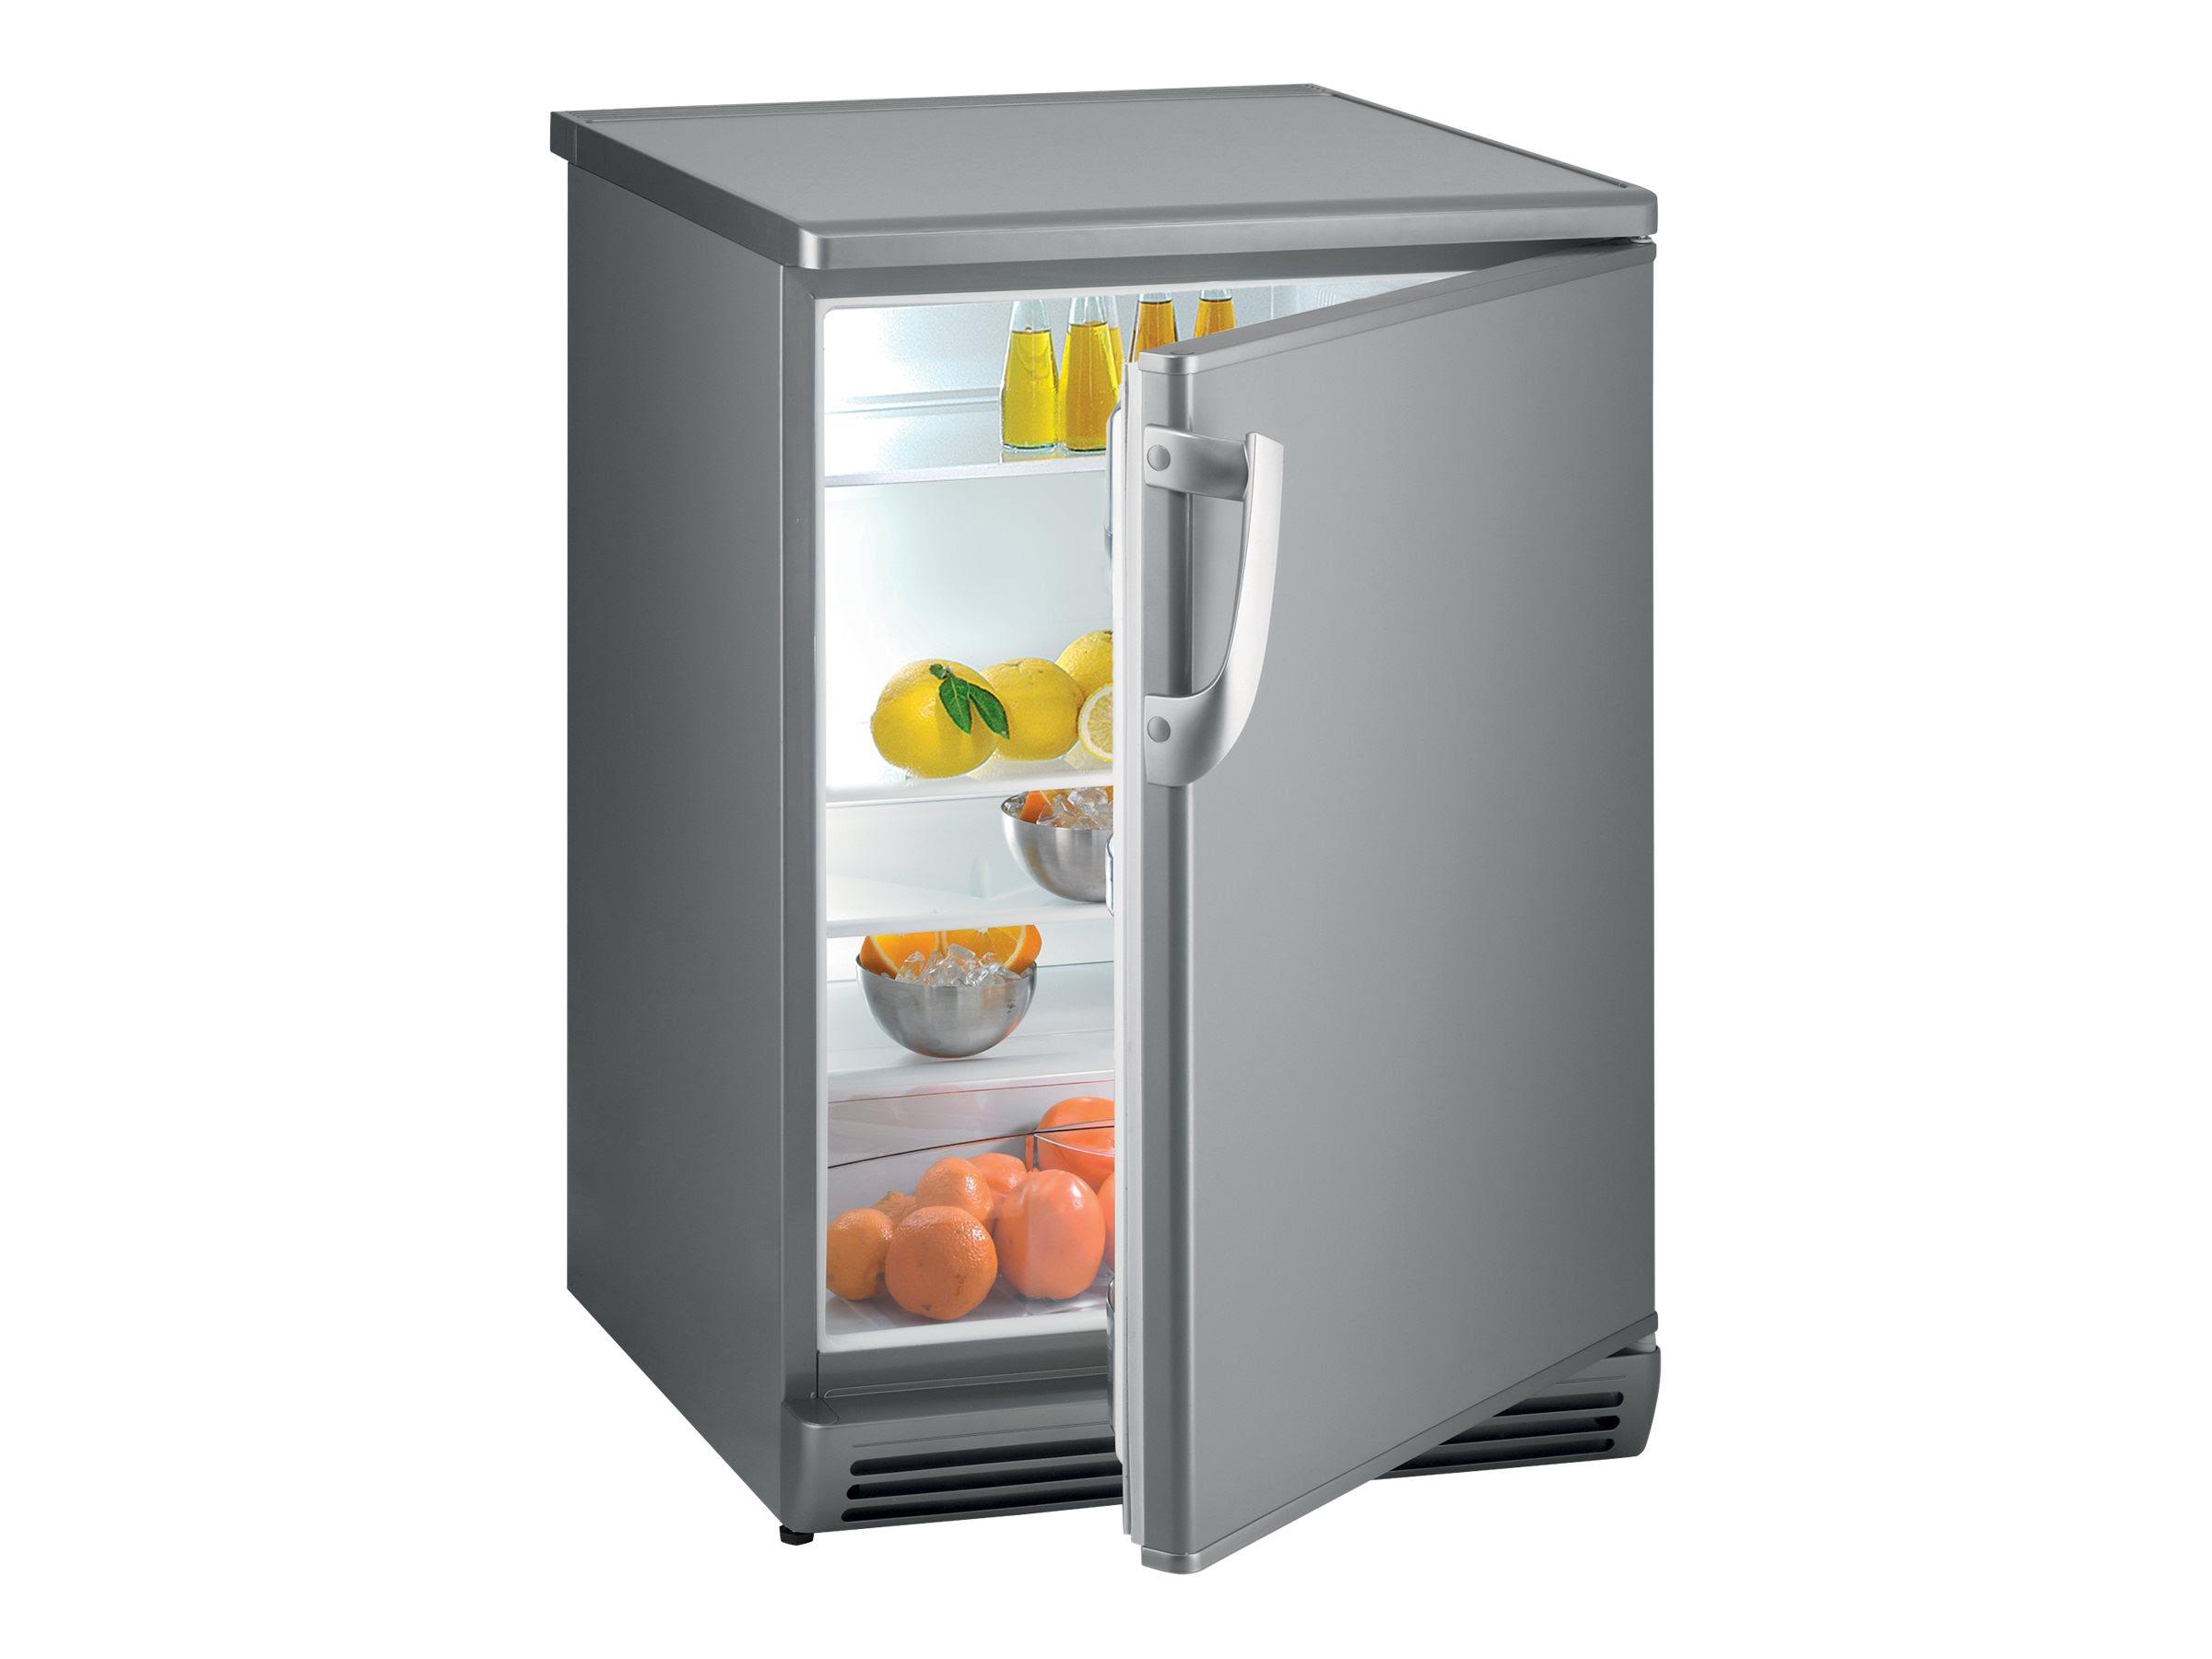 Red Bull Kühlschrank Gebraucht : Red bull mini kühlschrank reinigen red bull retro kühlschrank red